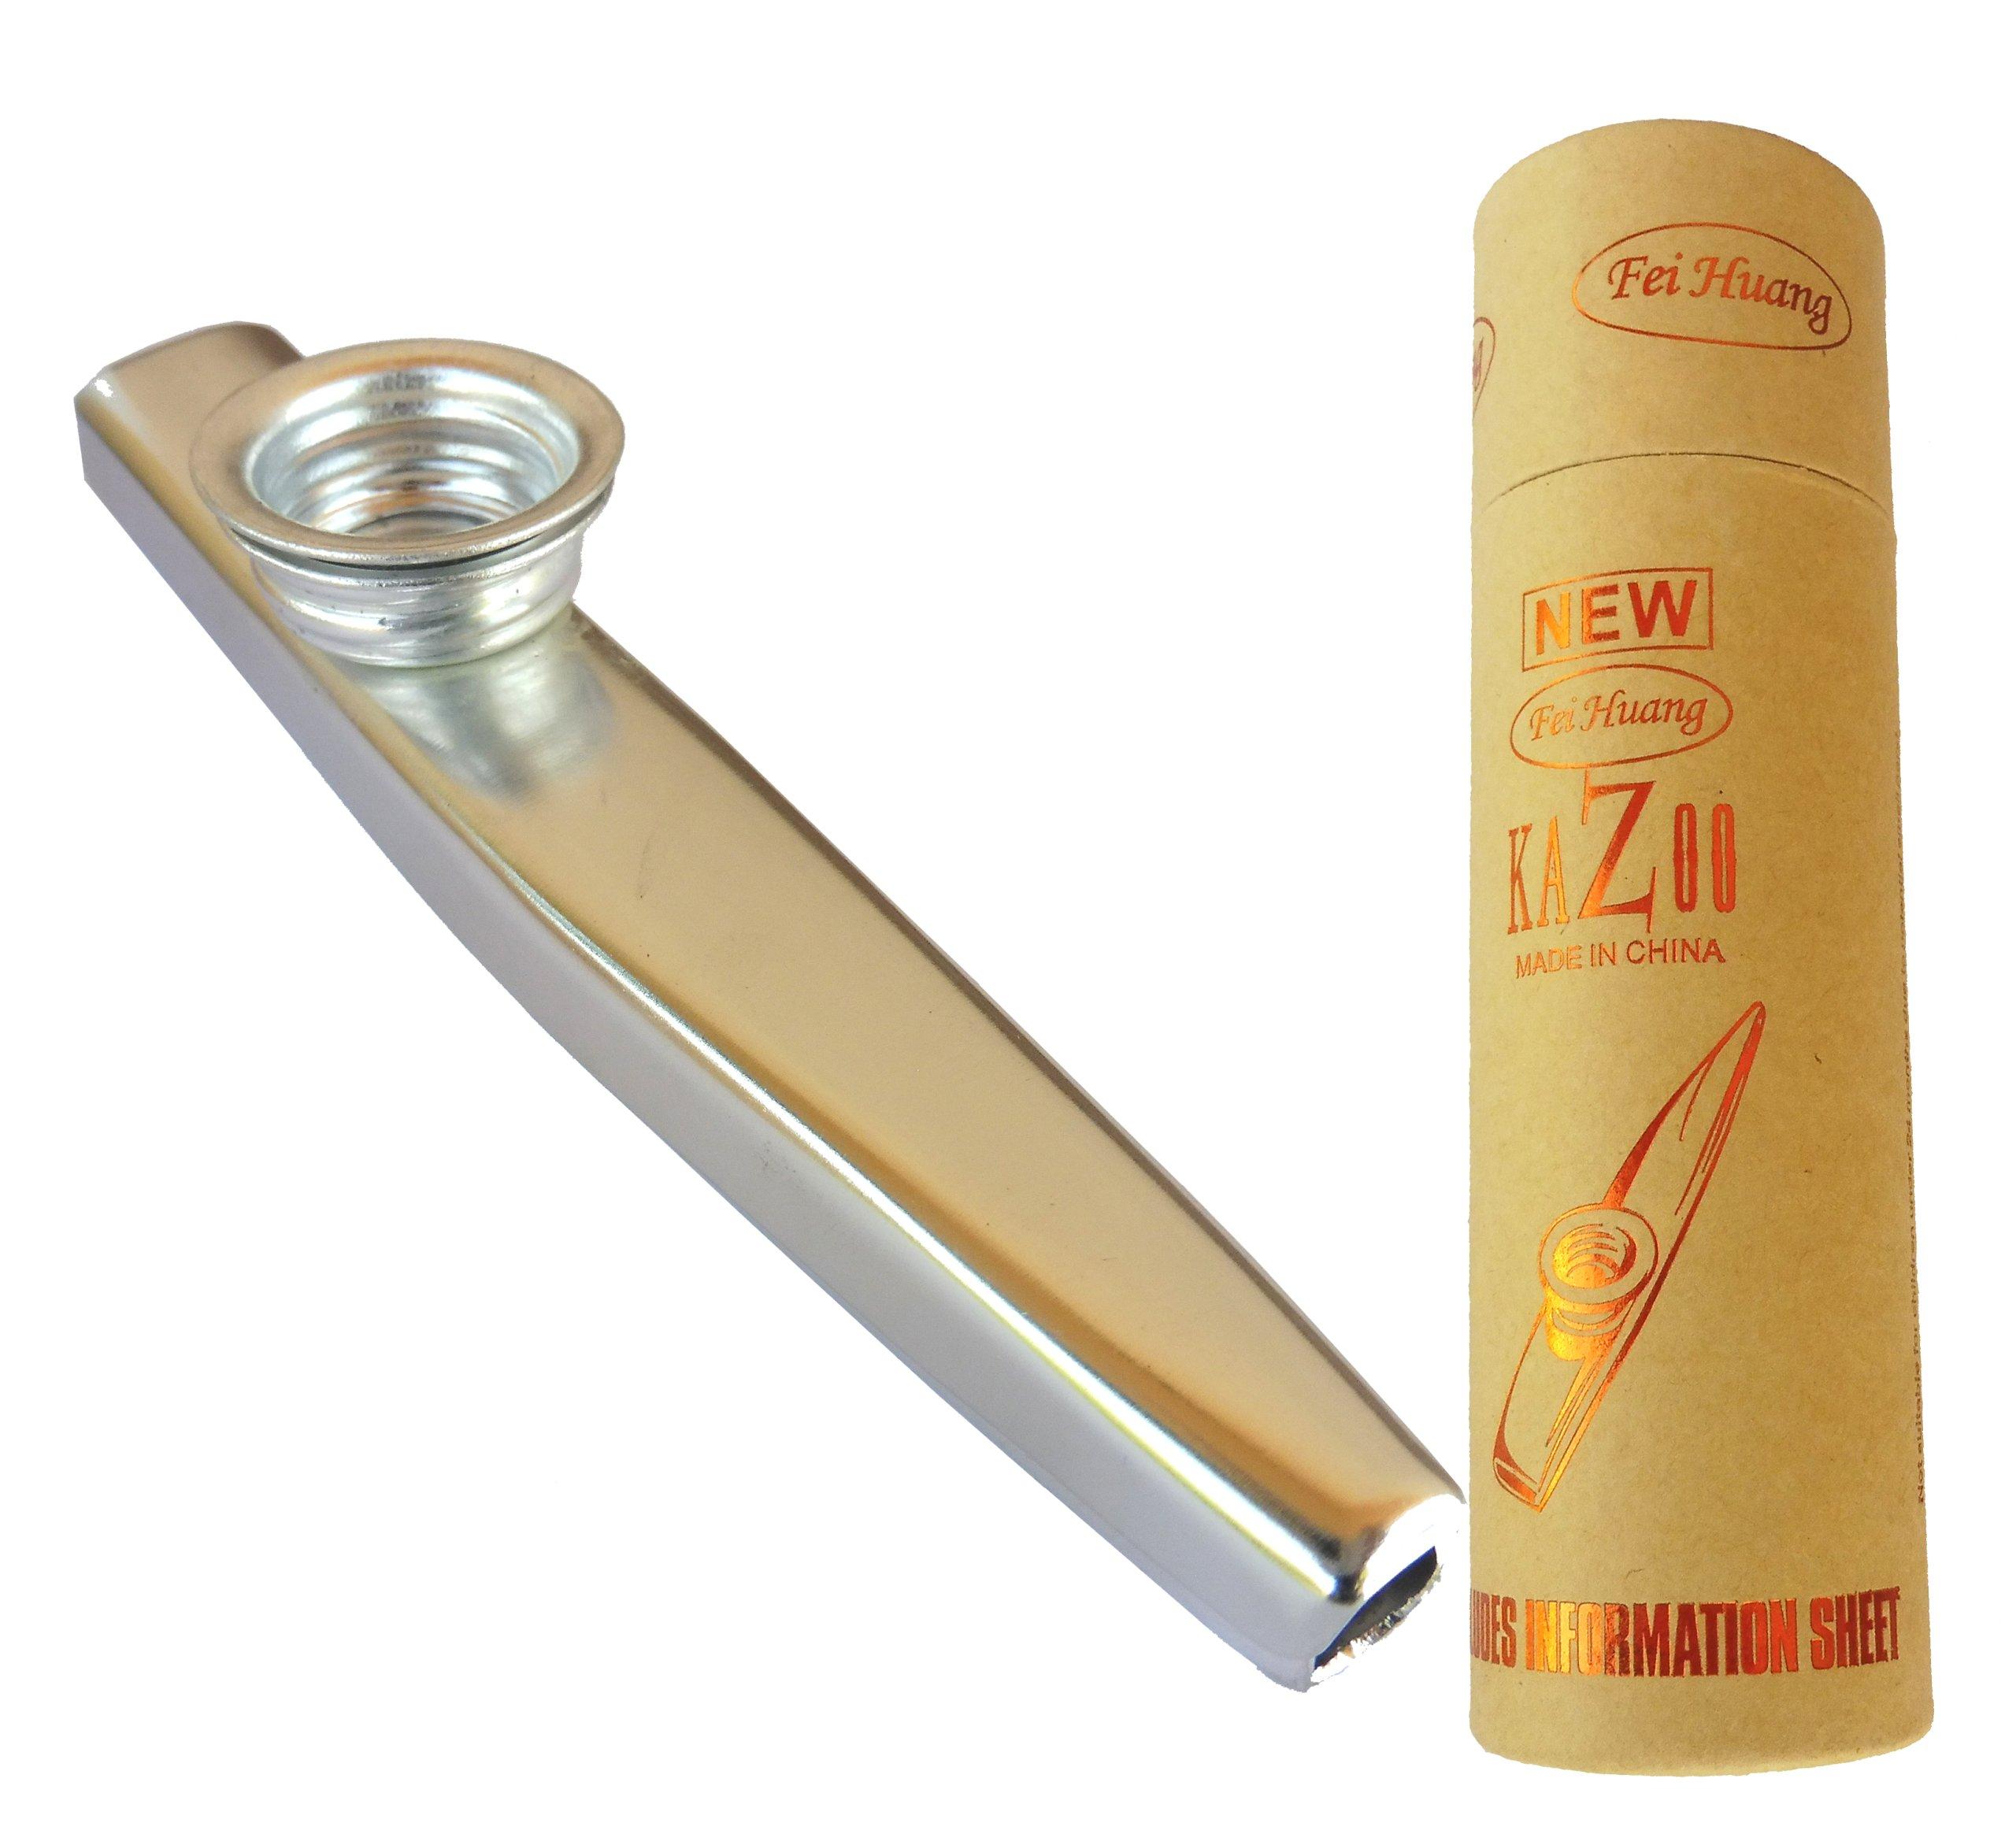 Item Fei Huang K-1S Kazoo mirliton metal + case